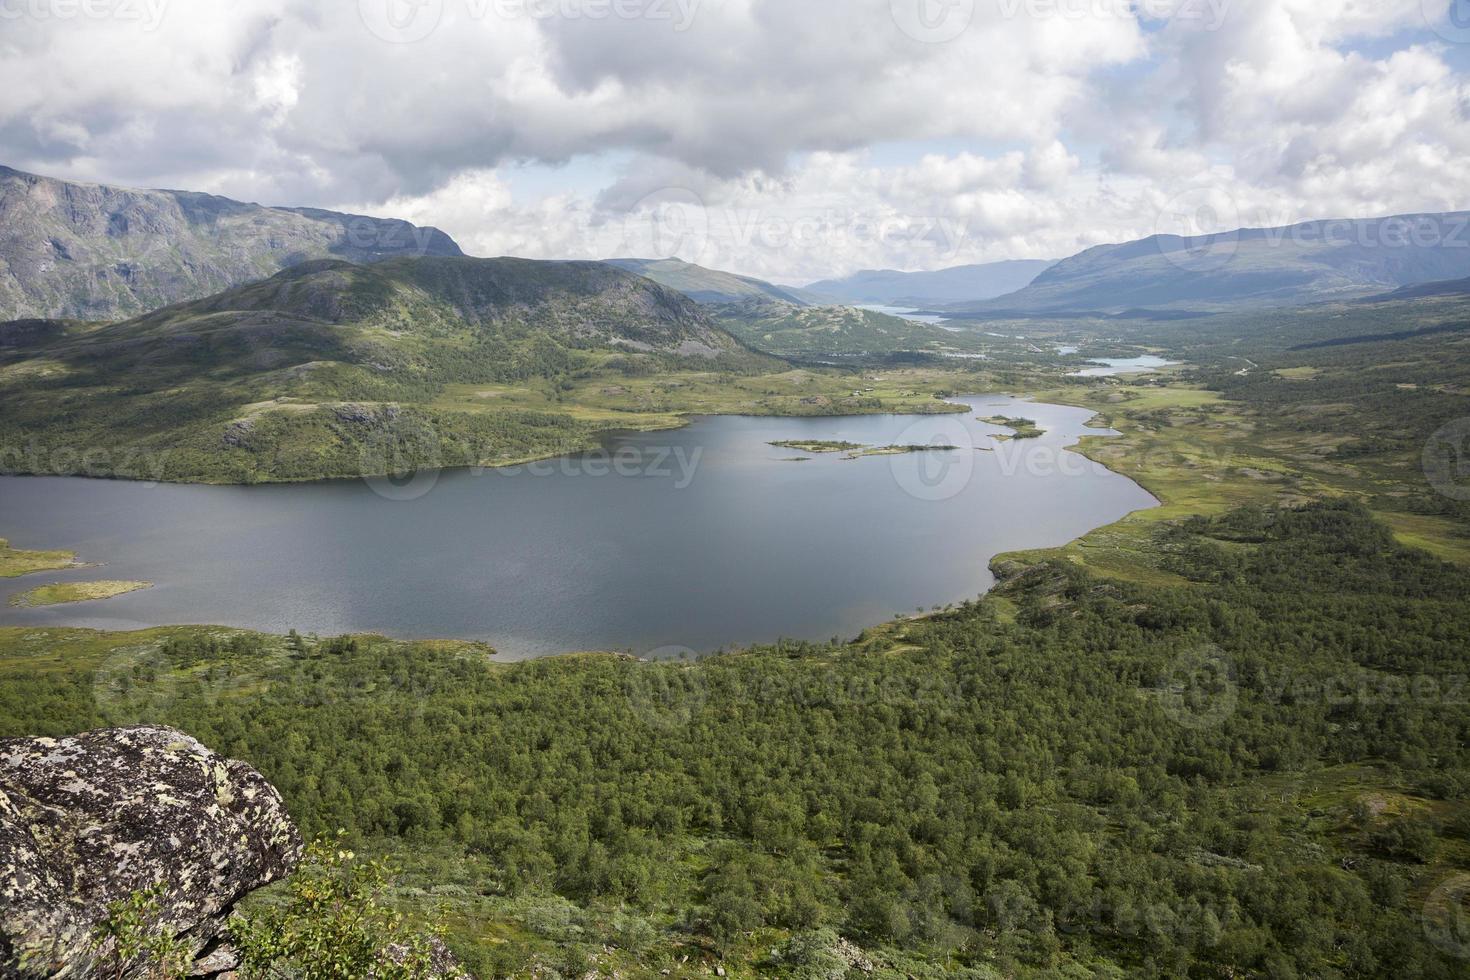 lago nedre leirungen (montanha knutshoe, jotunheimen nacional pa foto